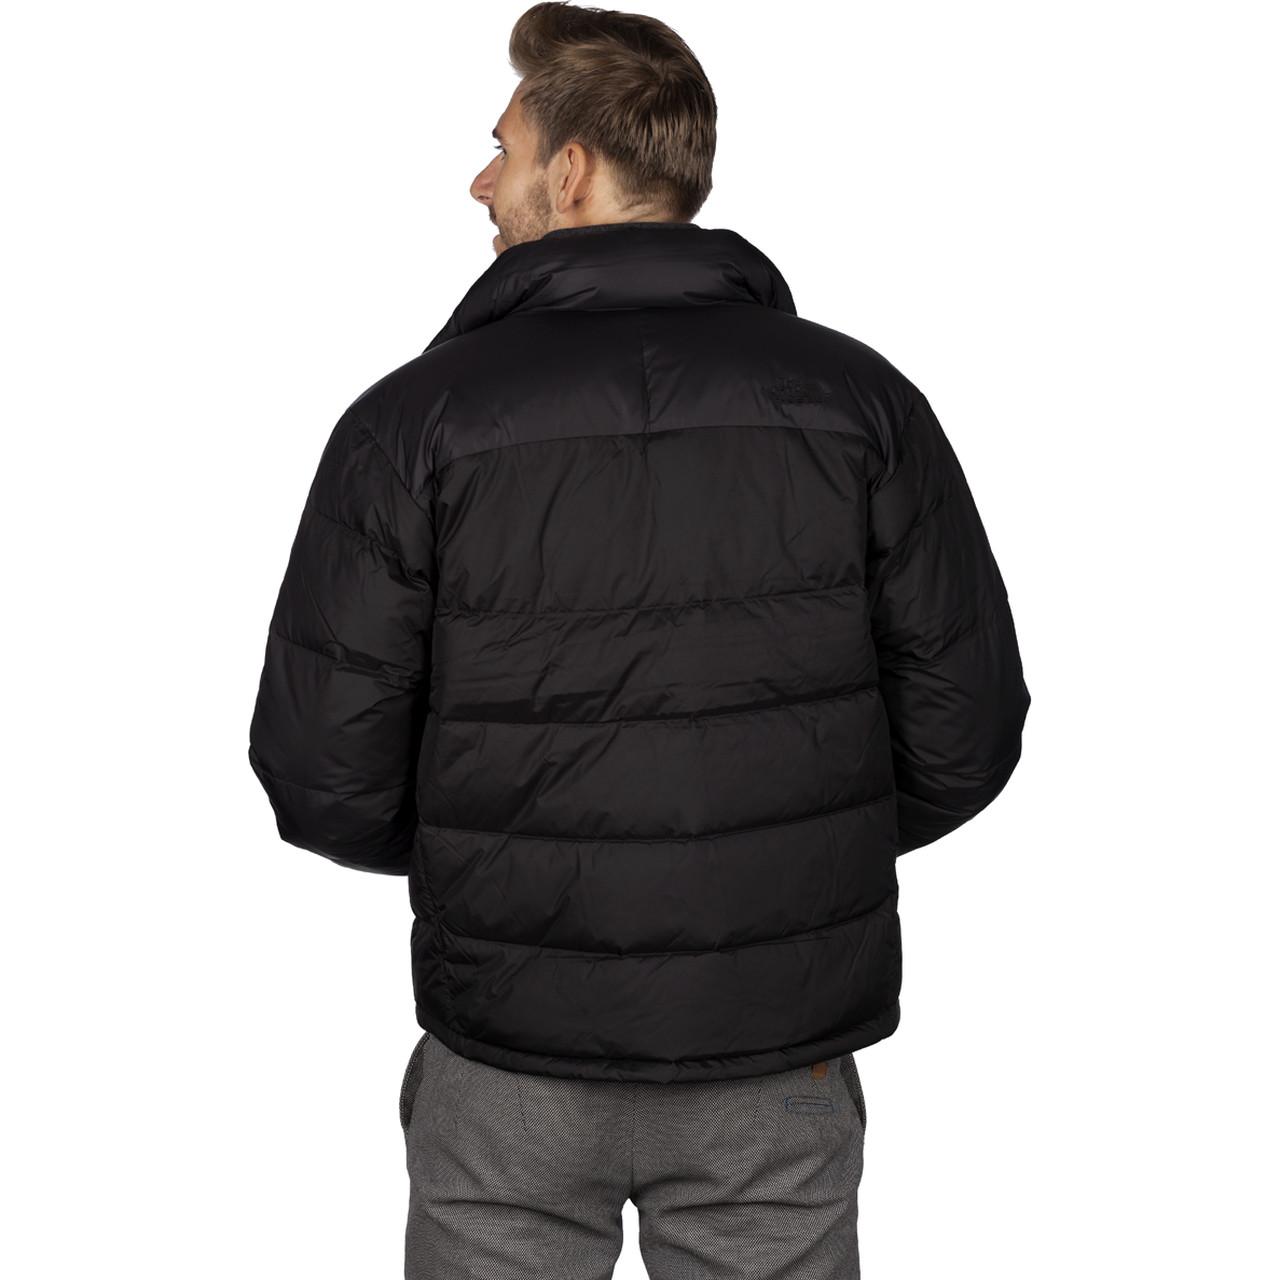 kurtka the north face m nuptse 2 jacket jk3 w sklepie. Black Bedroom Furniture Sets. Home Design Ideas